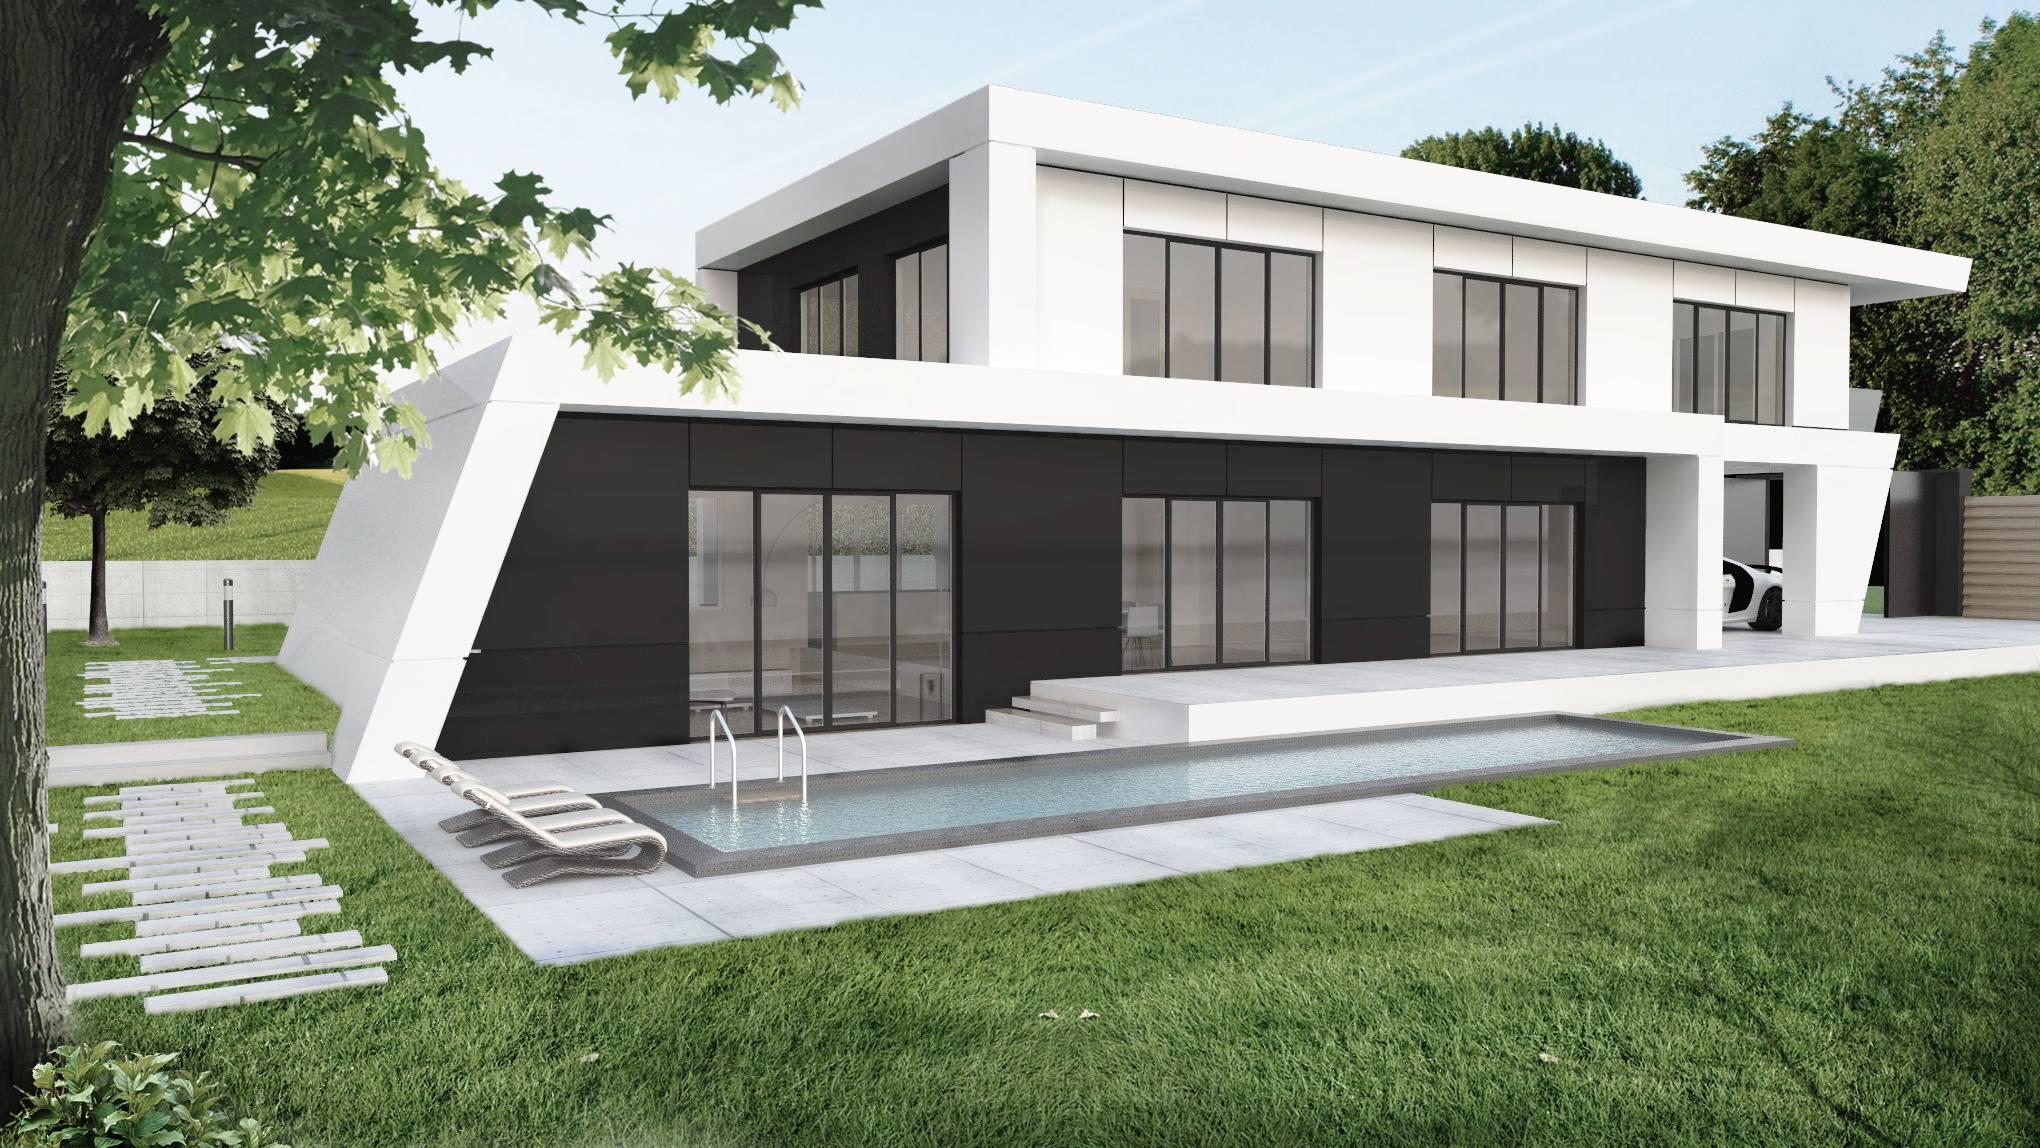 アメリカのベンチャー企業がドバイに3Dプリント住宅を建設へ